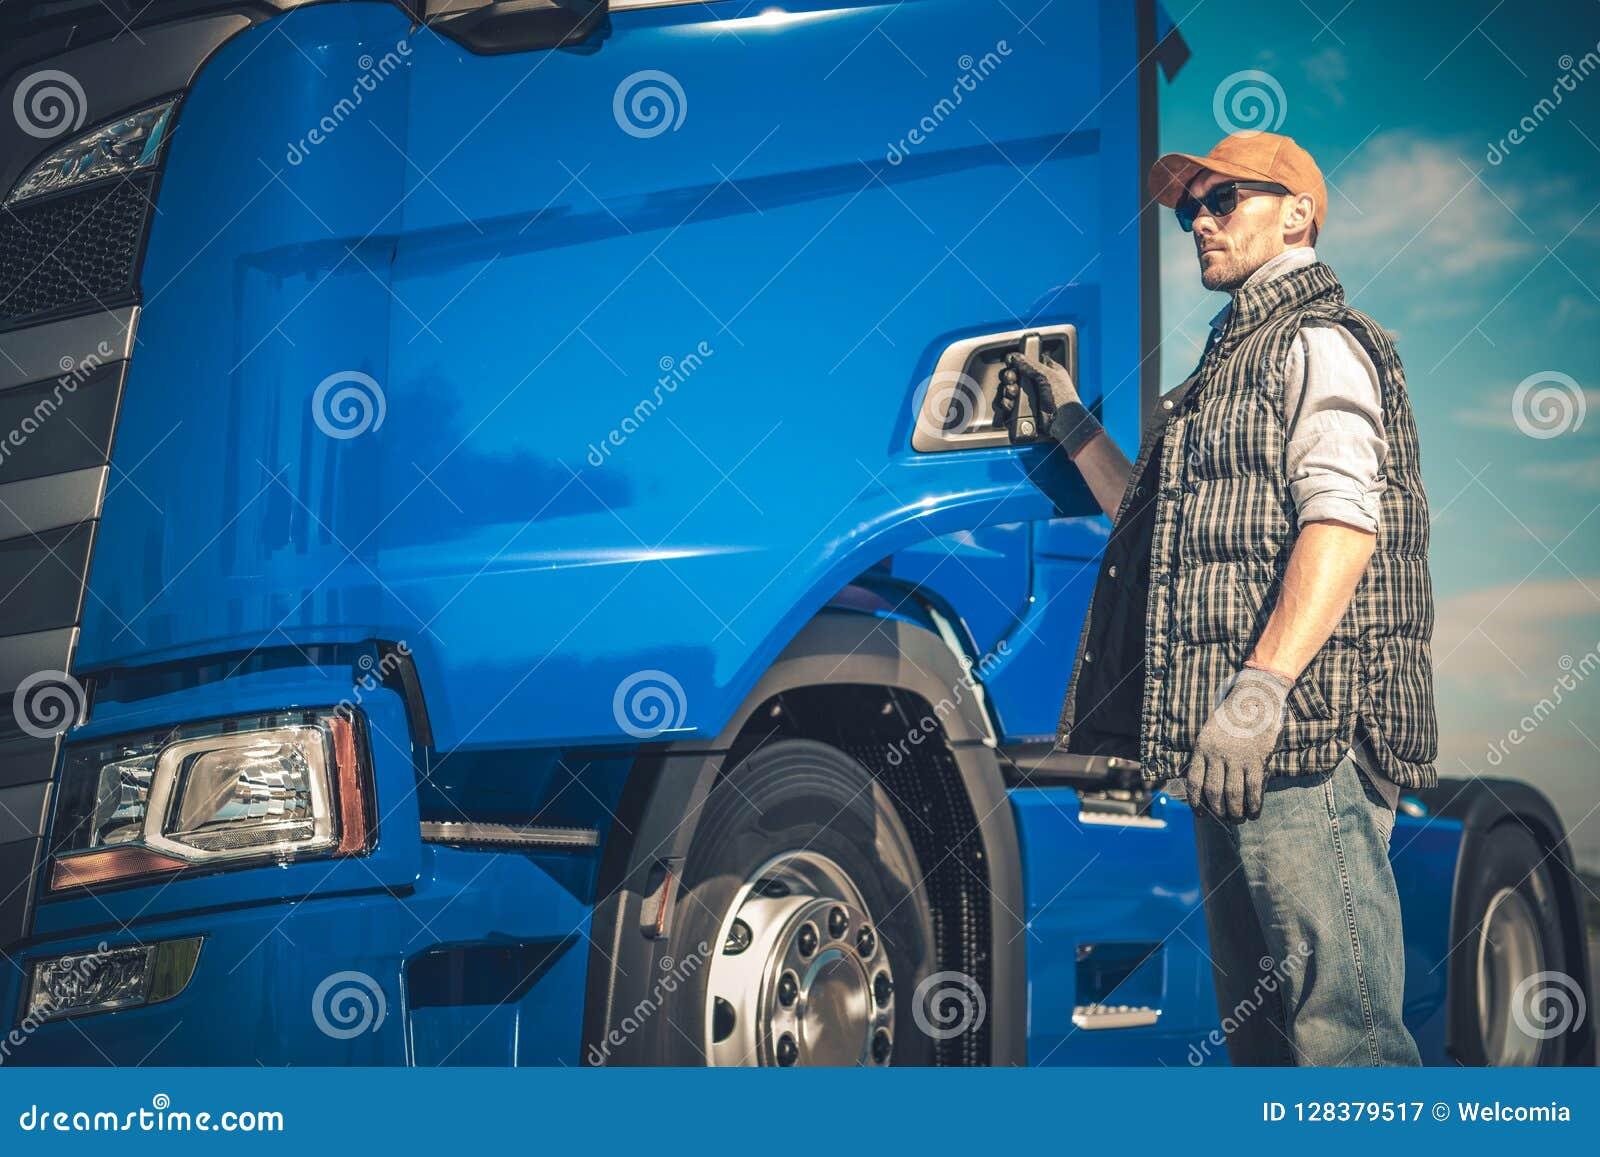 Halv lastbillasttransport